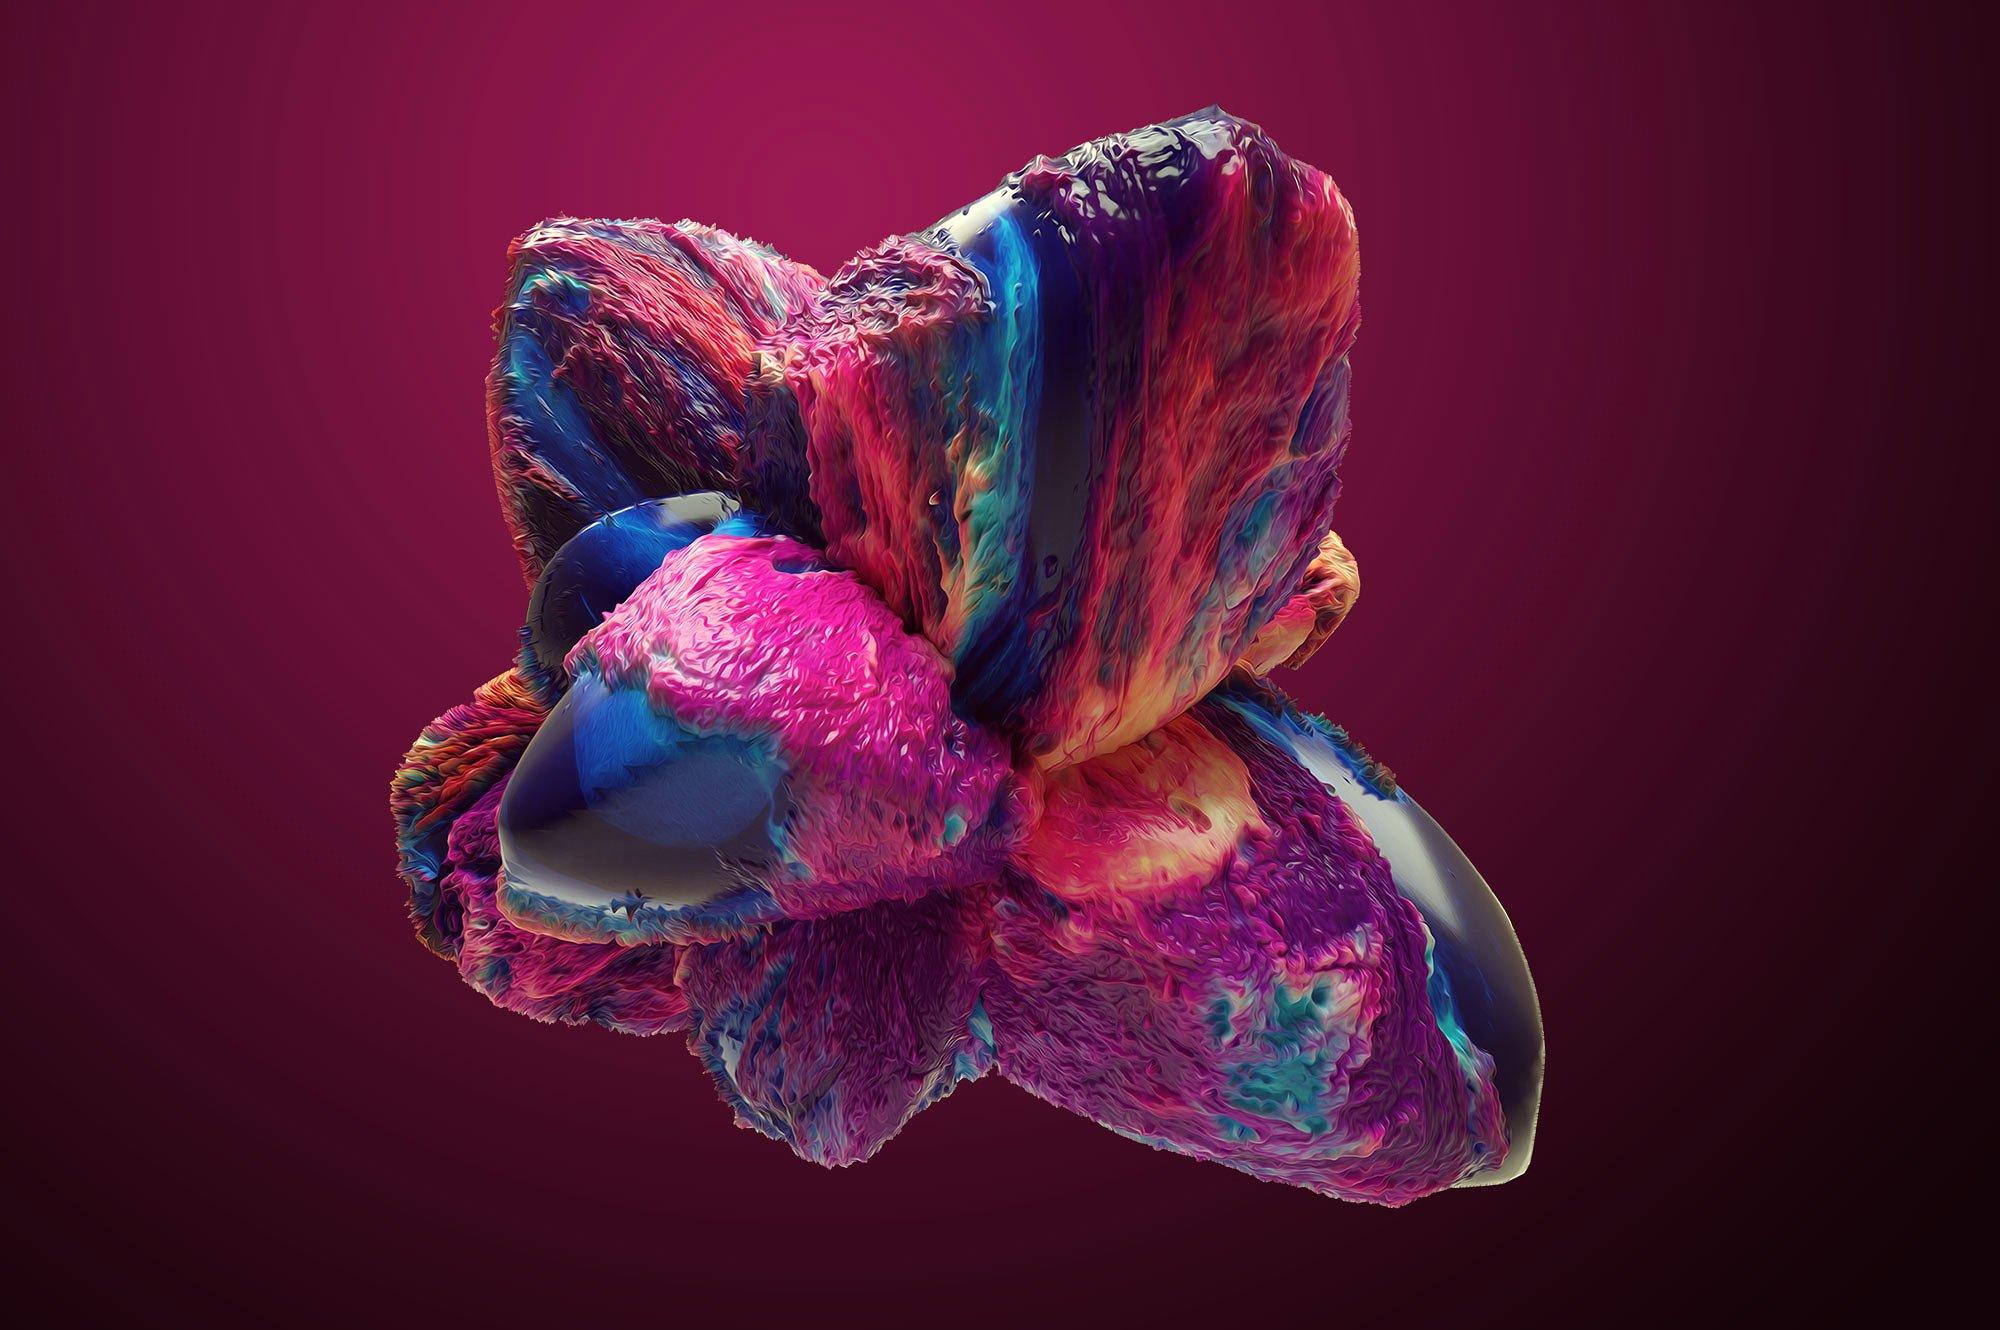 创意抽象纹理系列:15款高清3D抽象纹理&笔刷 3D Mirage, Vol. 1 (Exclusive)插图7